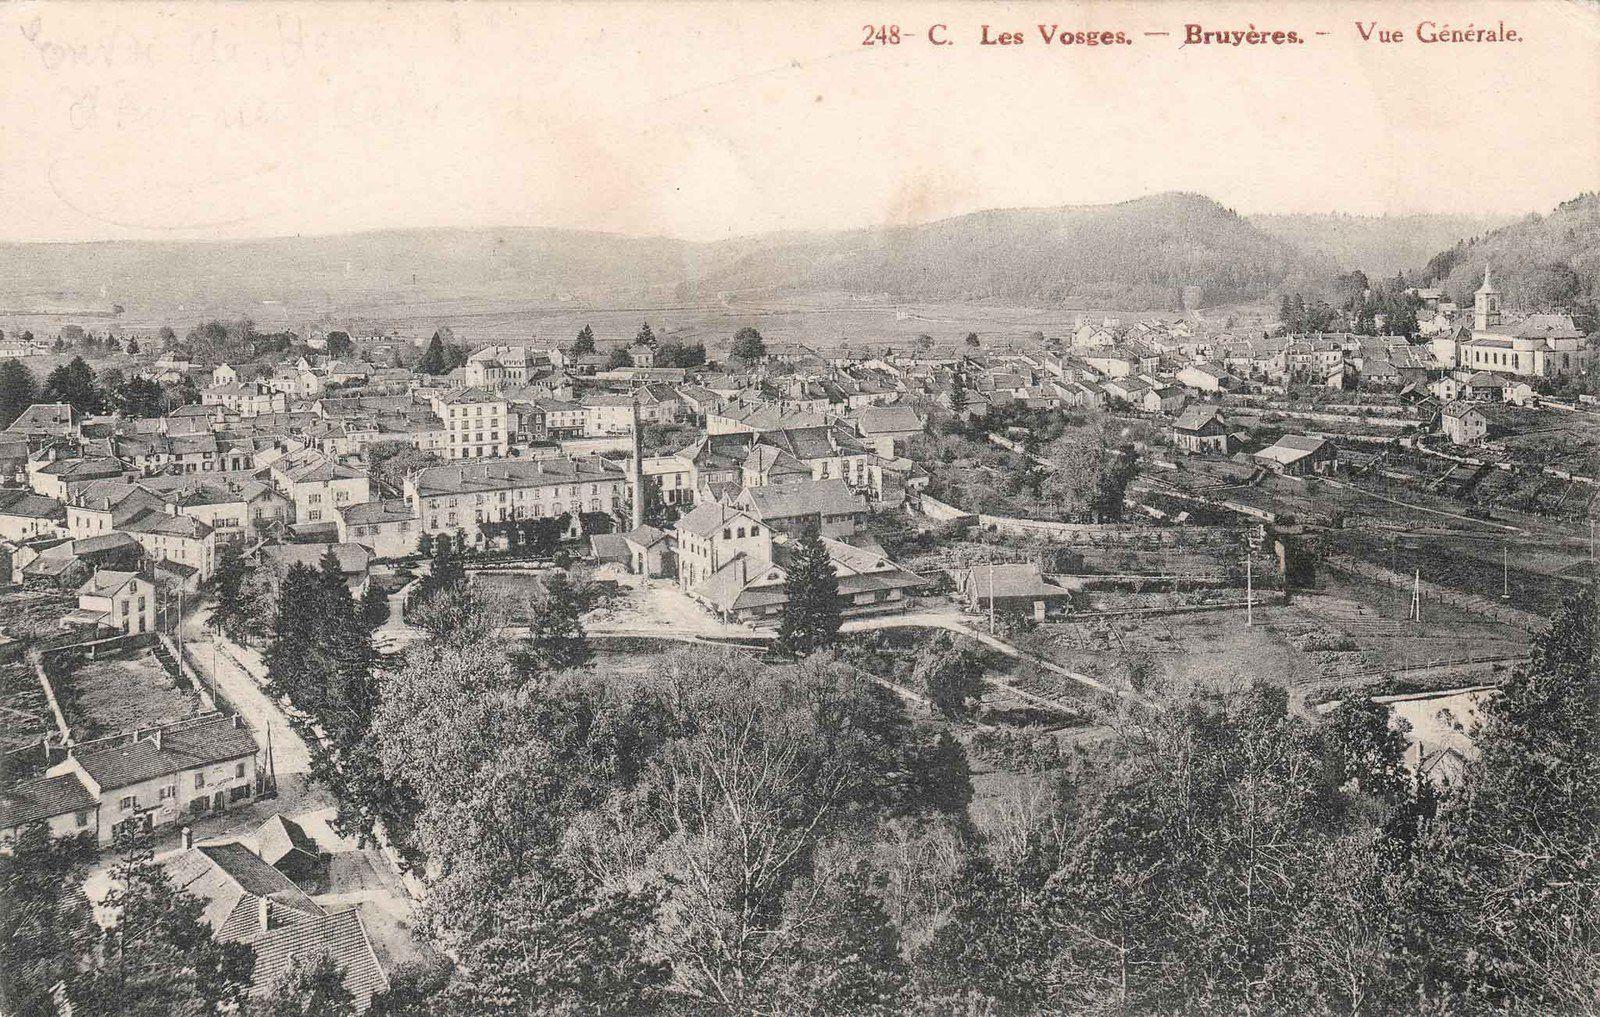 BRUYÈRES-VOSGES : BBB comme Brasserie Bexon Bruyères